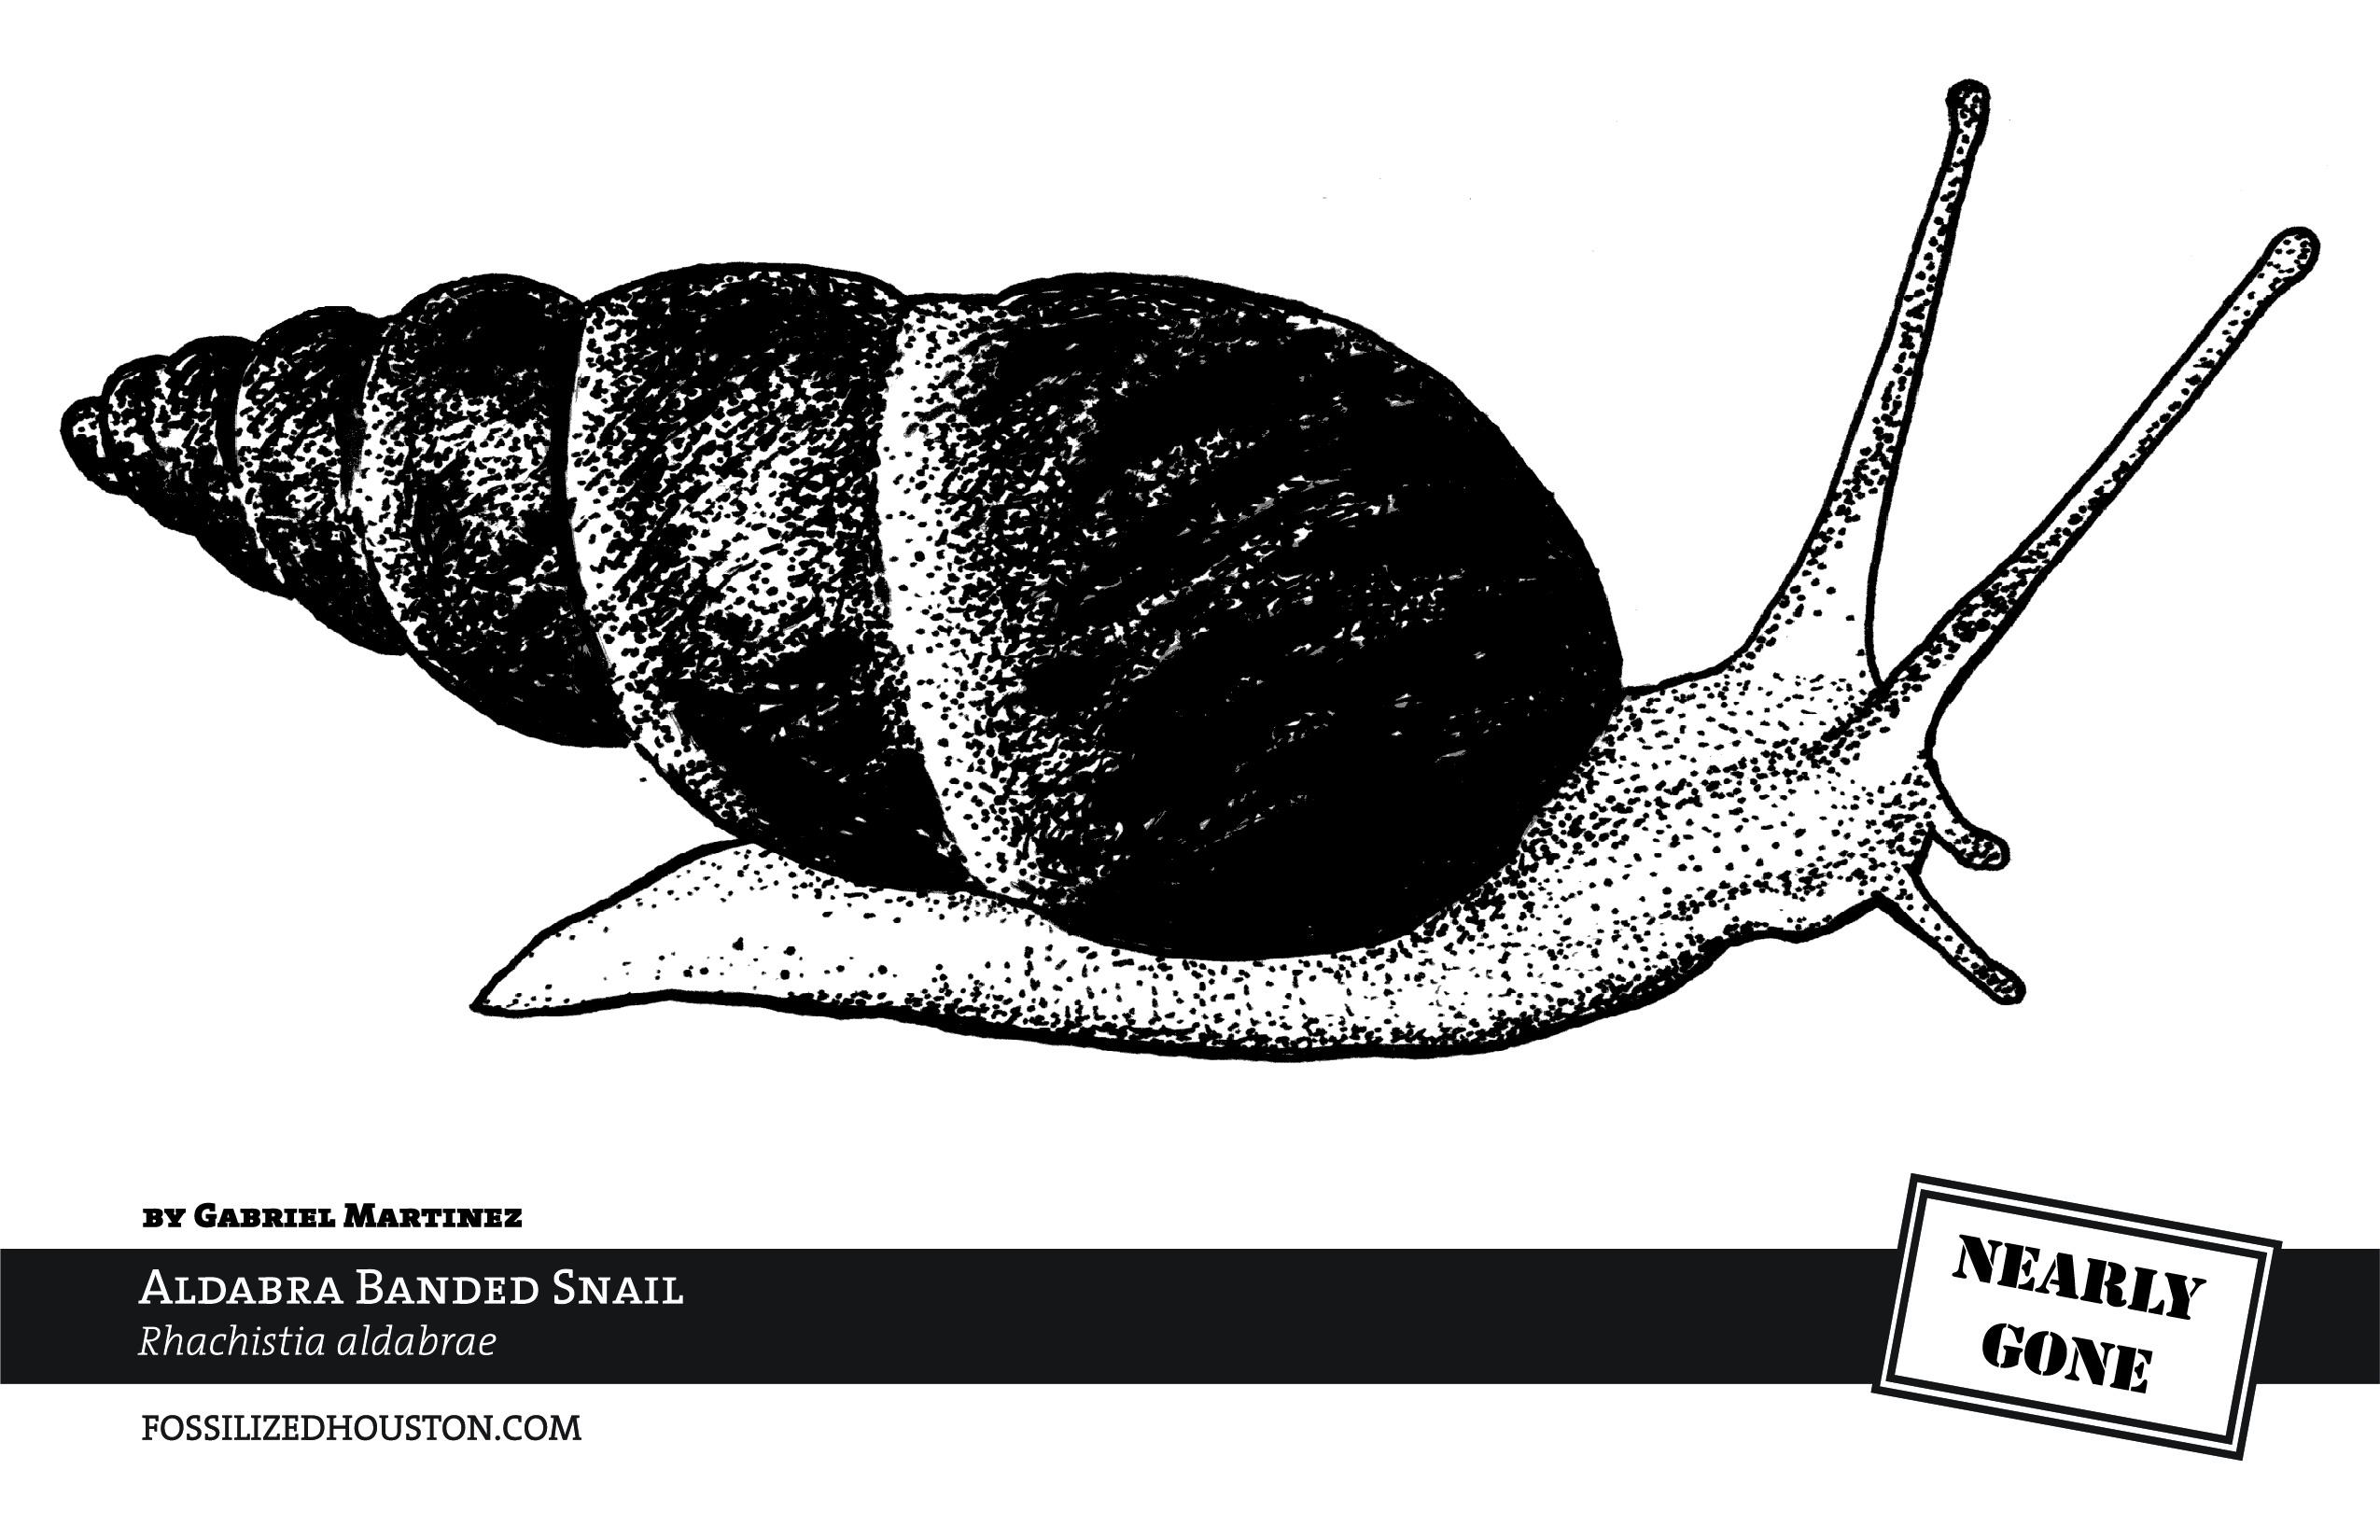 Aldabra Banded Snail